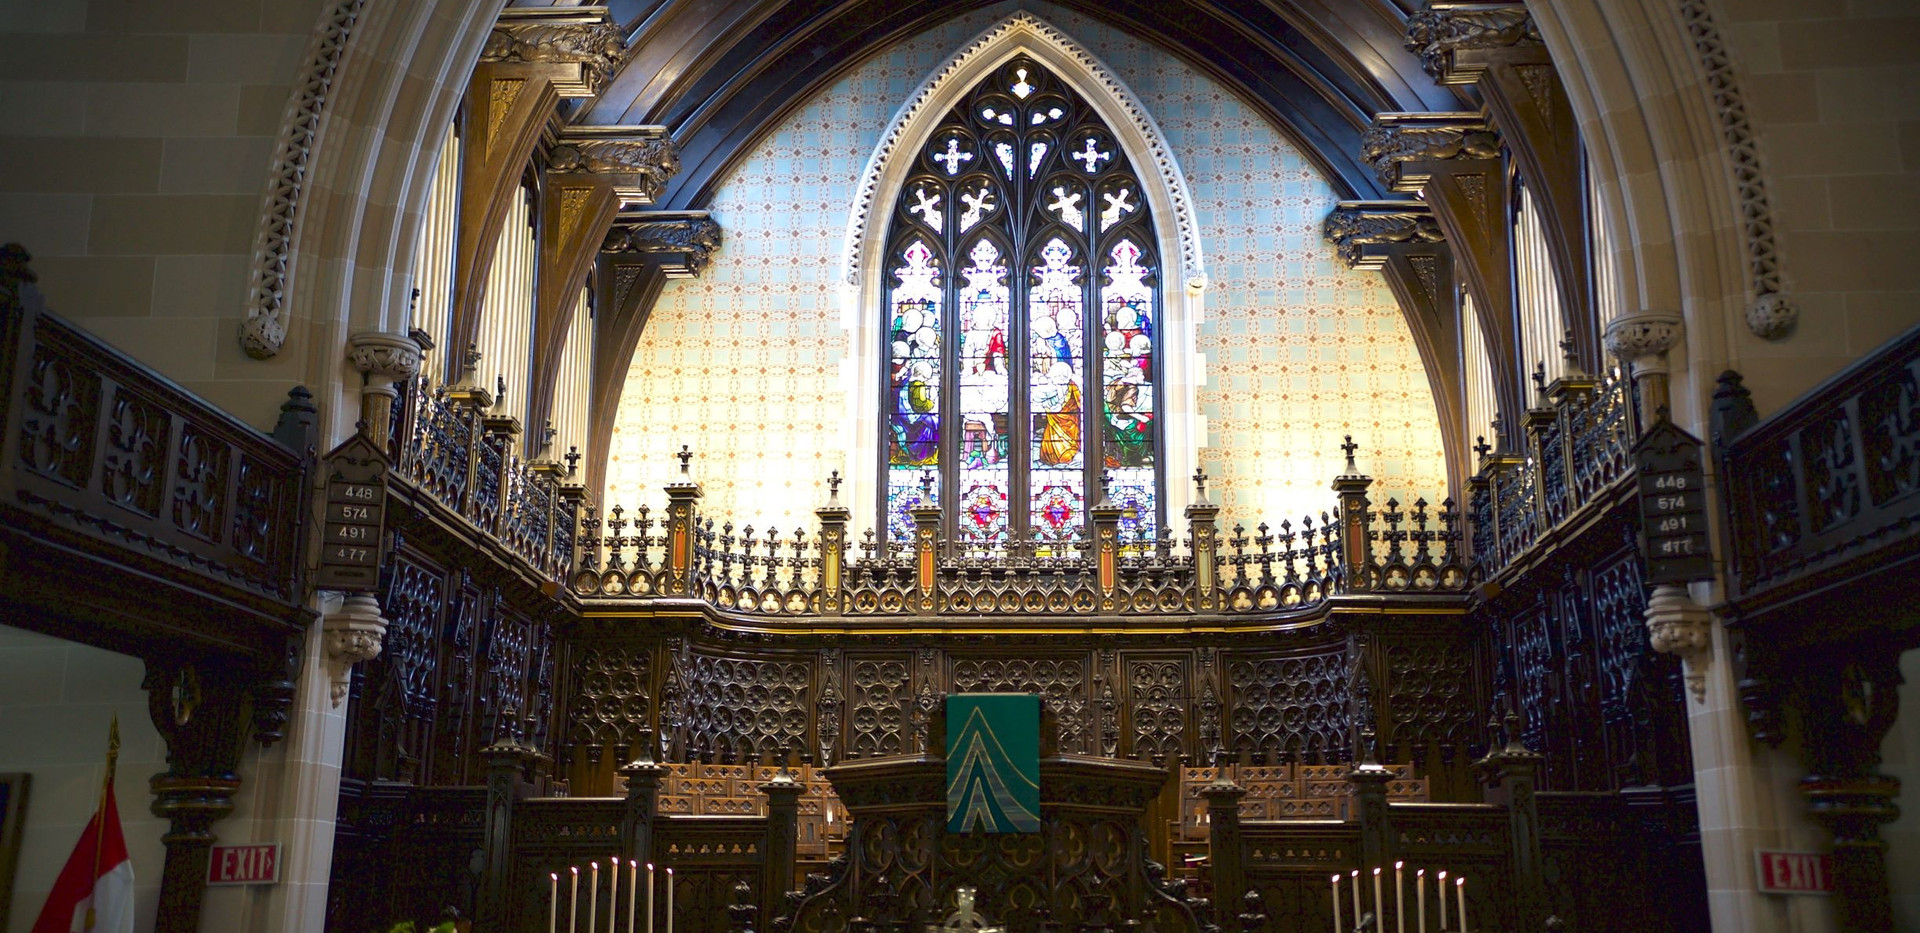 Full altar